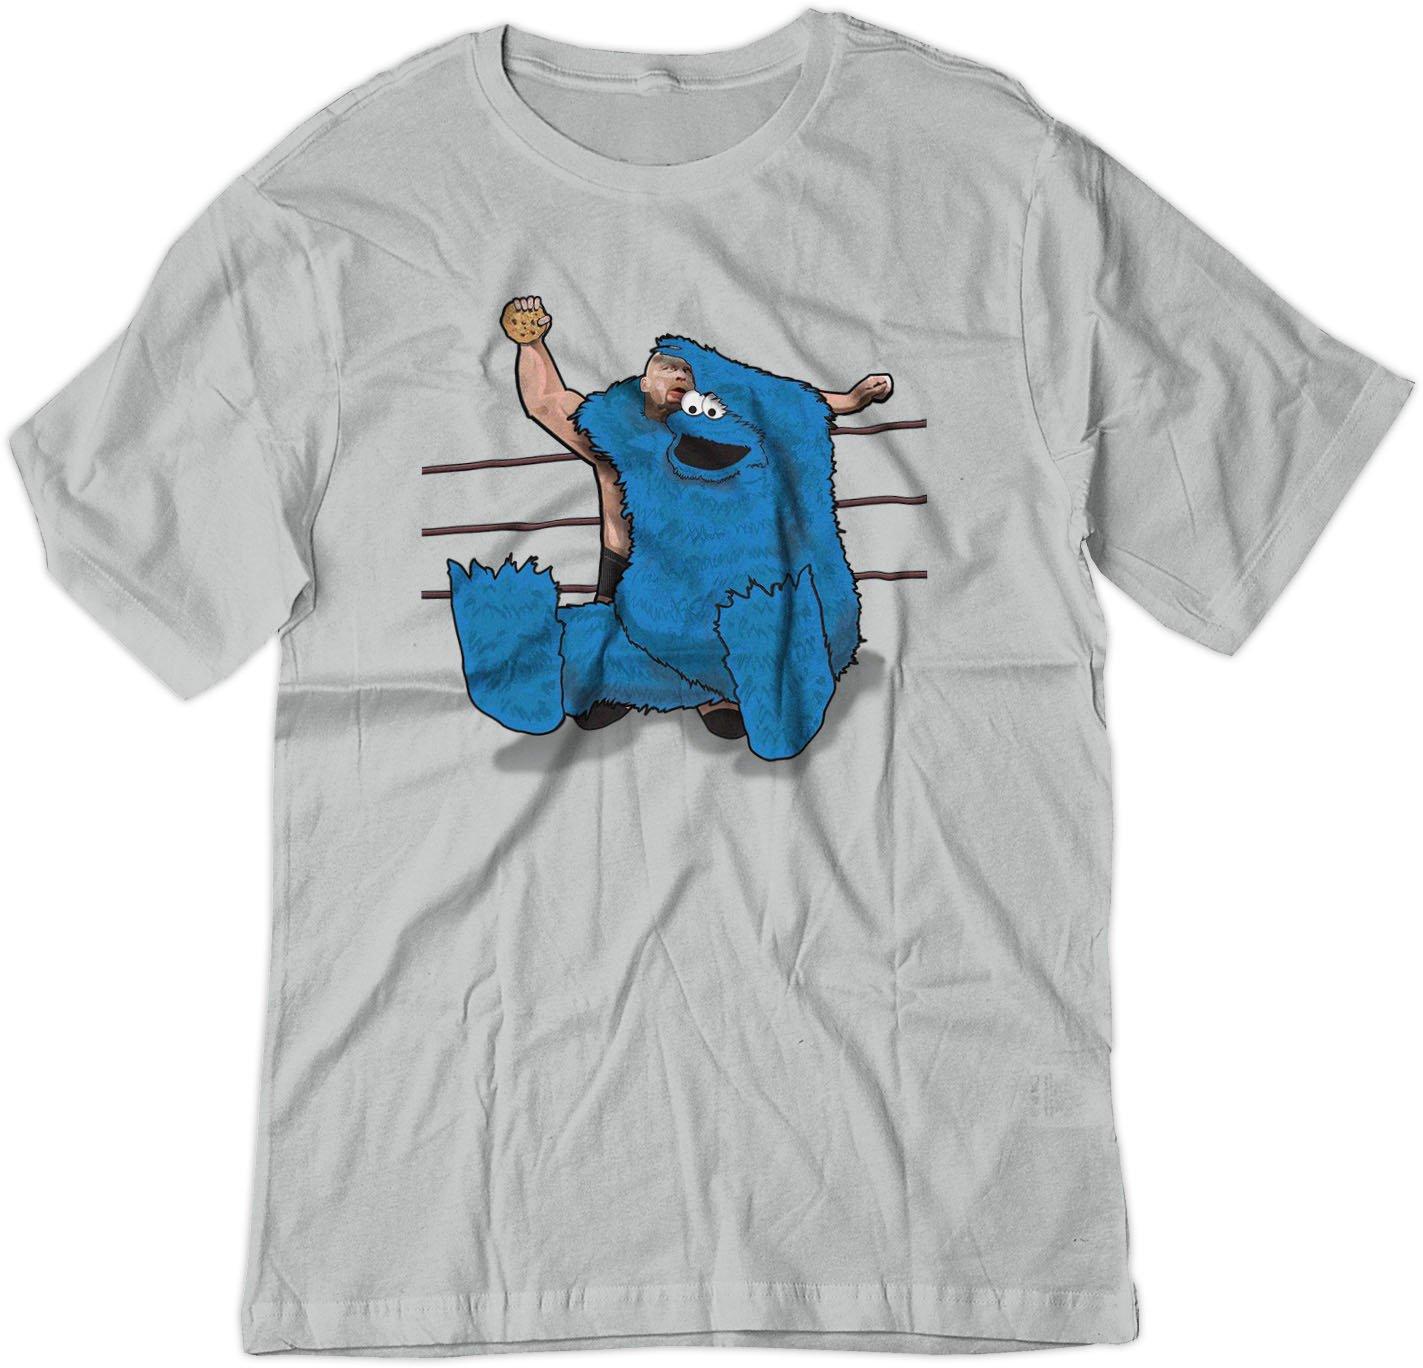 Cookie Monster Steve Austin W We Stunner Shirt 8012